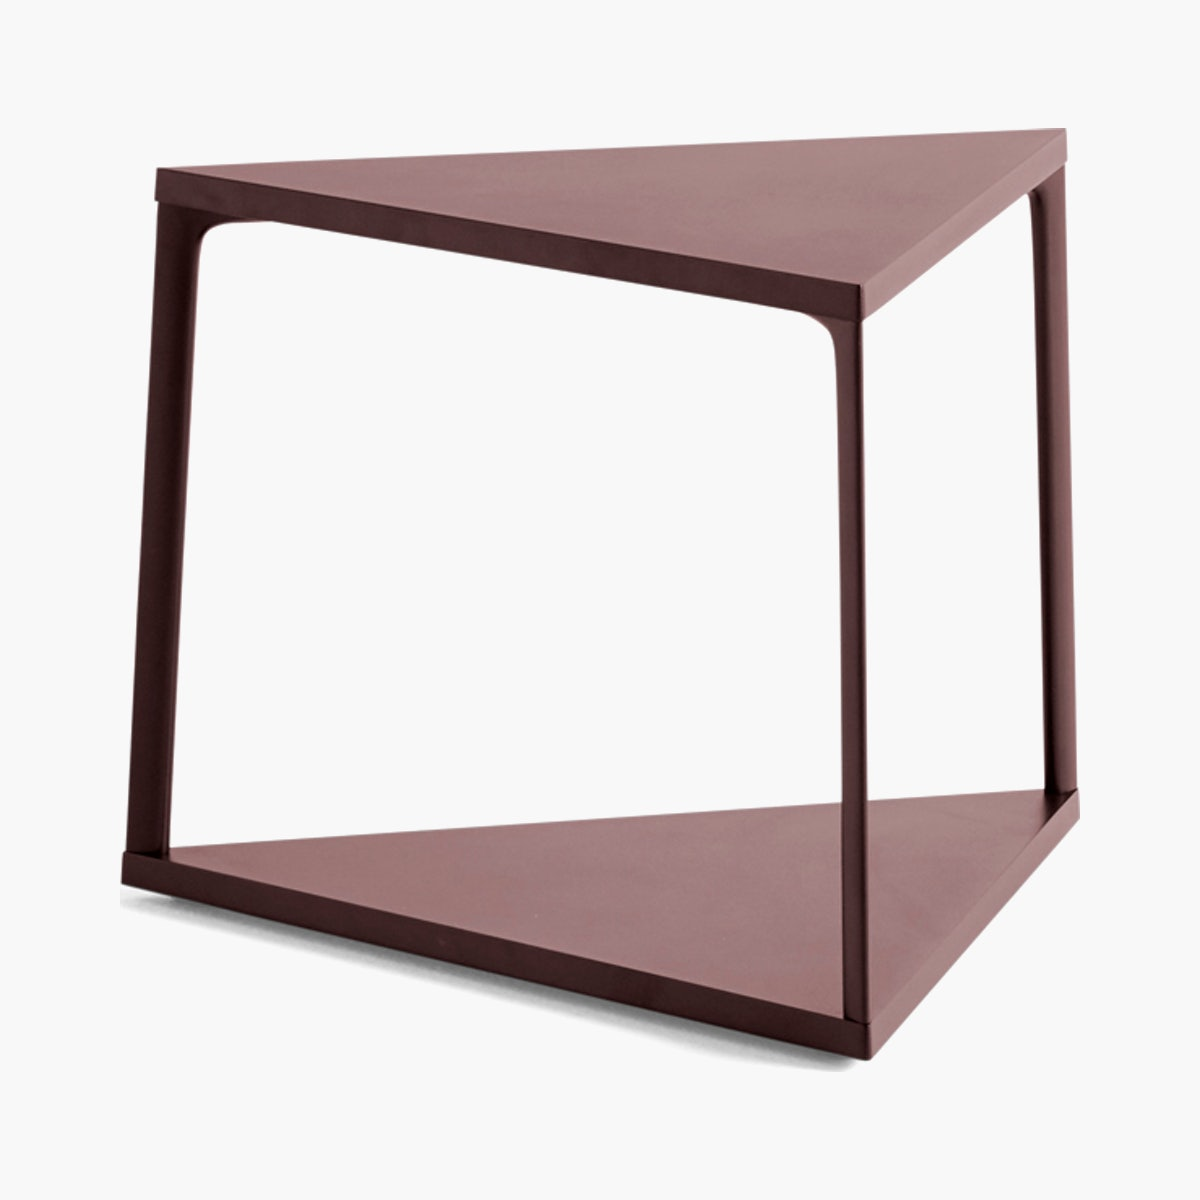 Eiffel Triangular Side Table